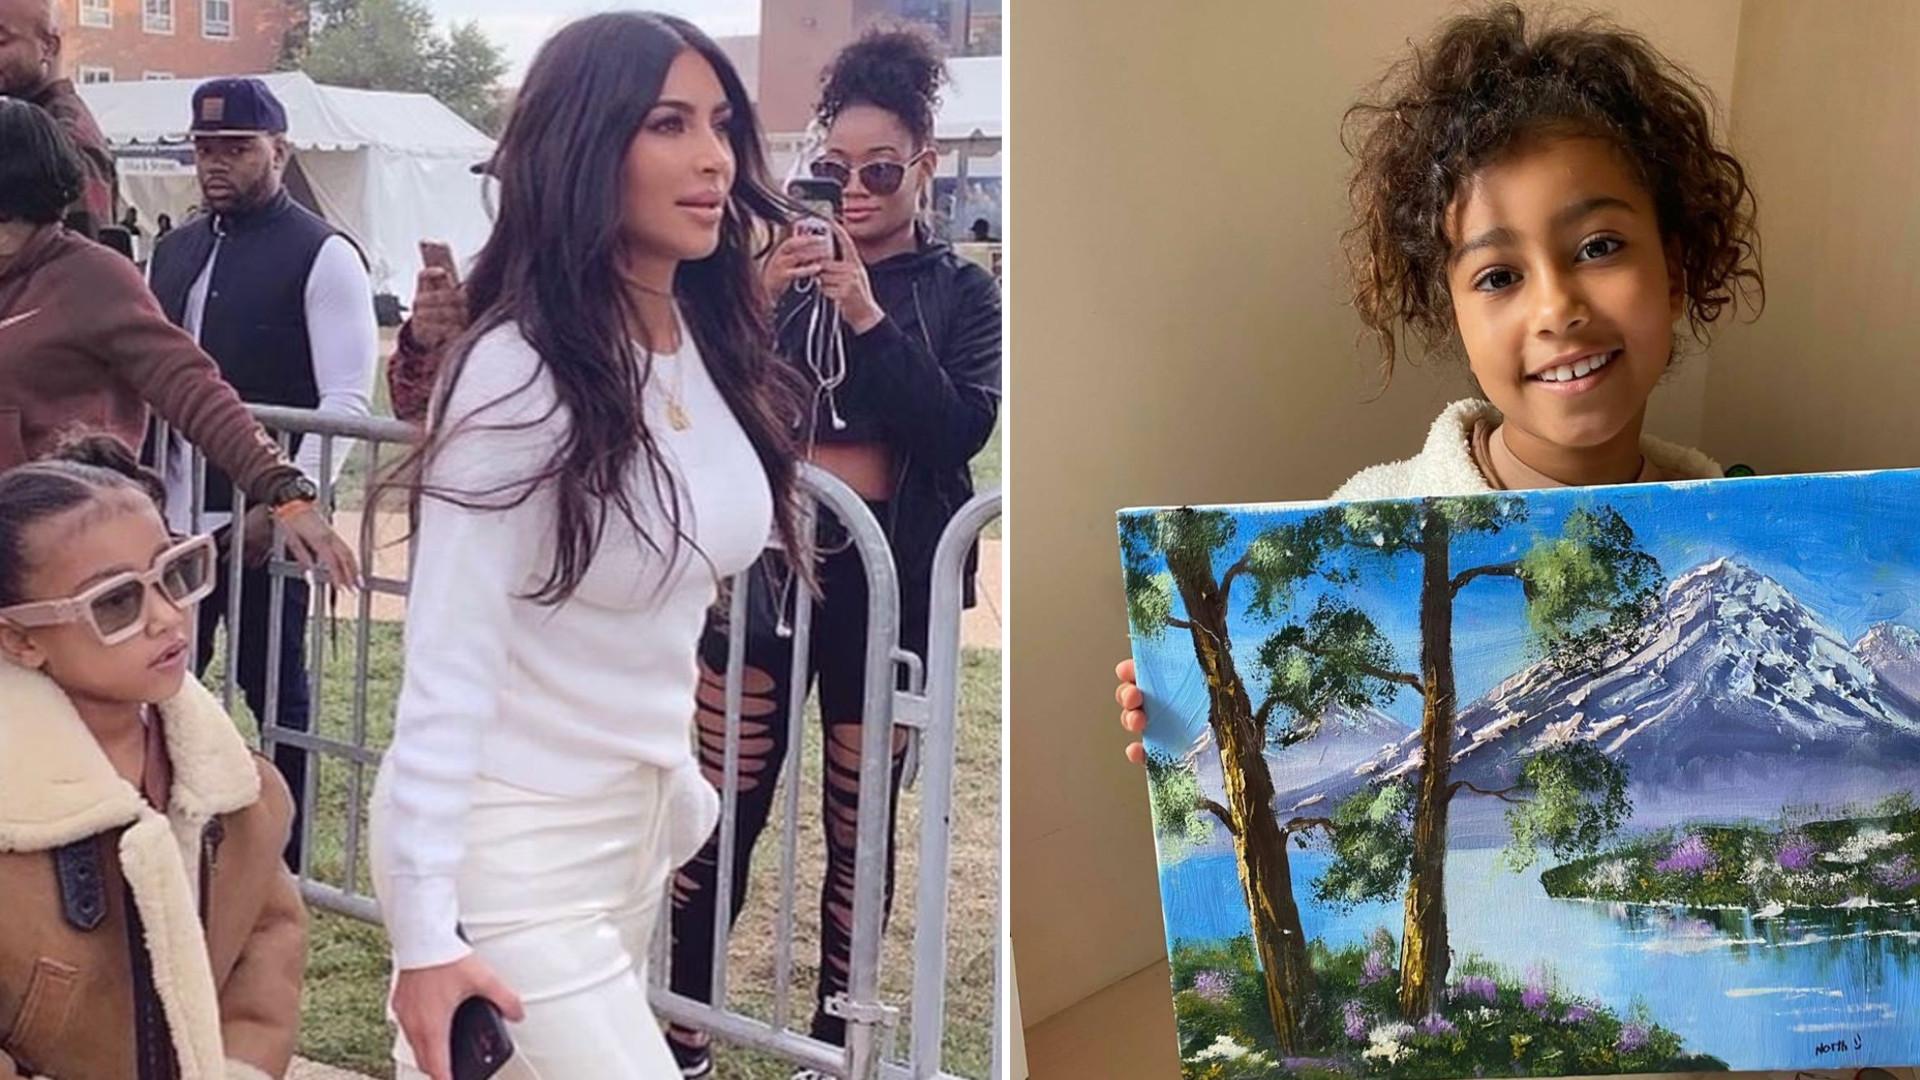 """W sieci ZAWRZAŁO, gdy Kim Kardashian pokazała obraz namalowany przez North: """"Kolejny Picasso"""""""